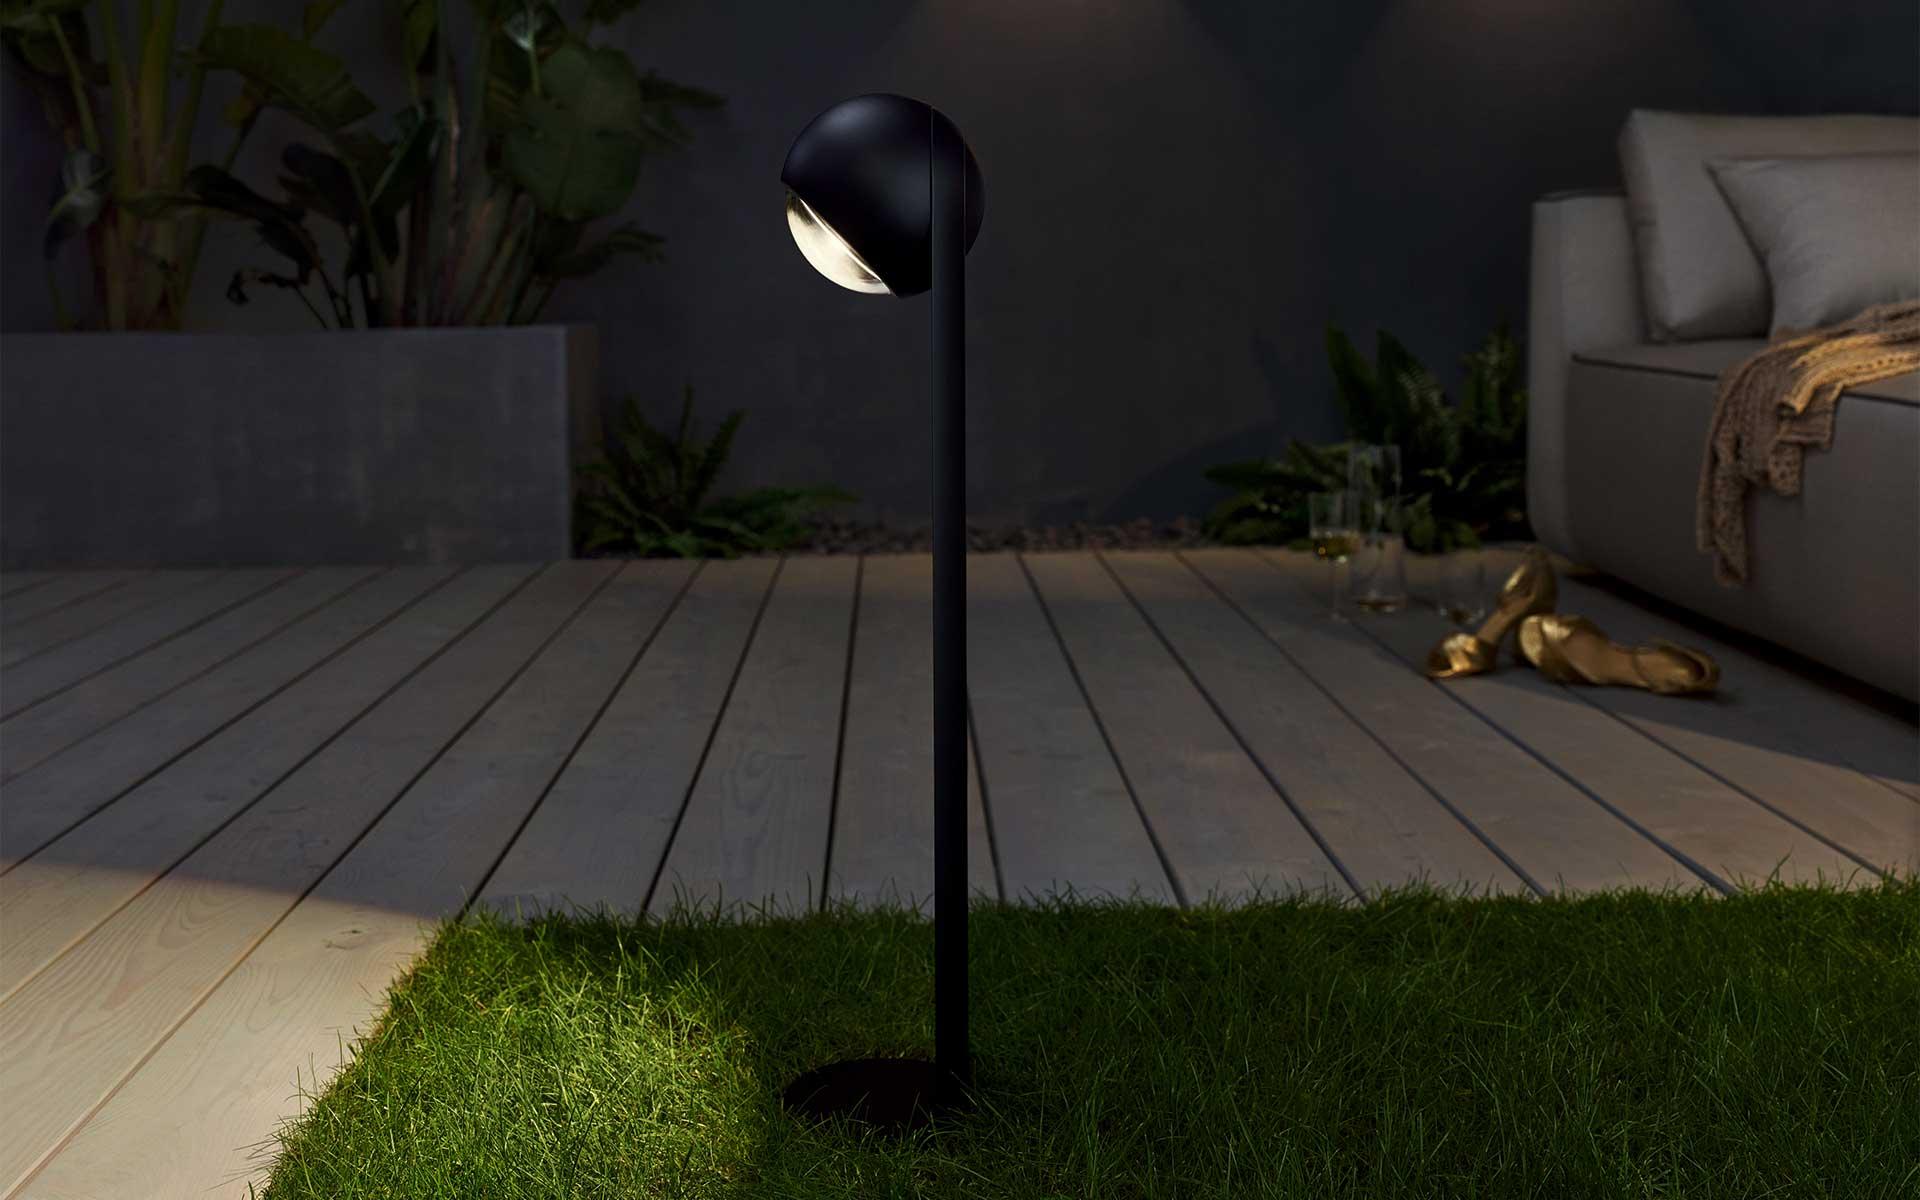 occhio sito palo outdoor leuchte in berlin bei steidten+